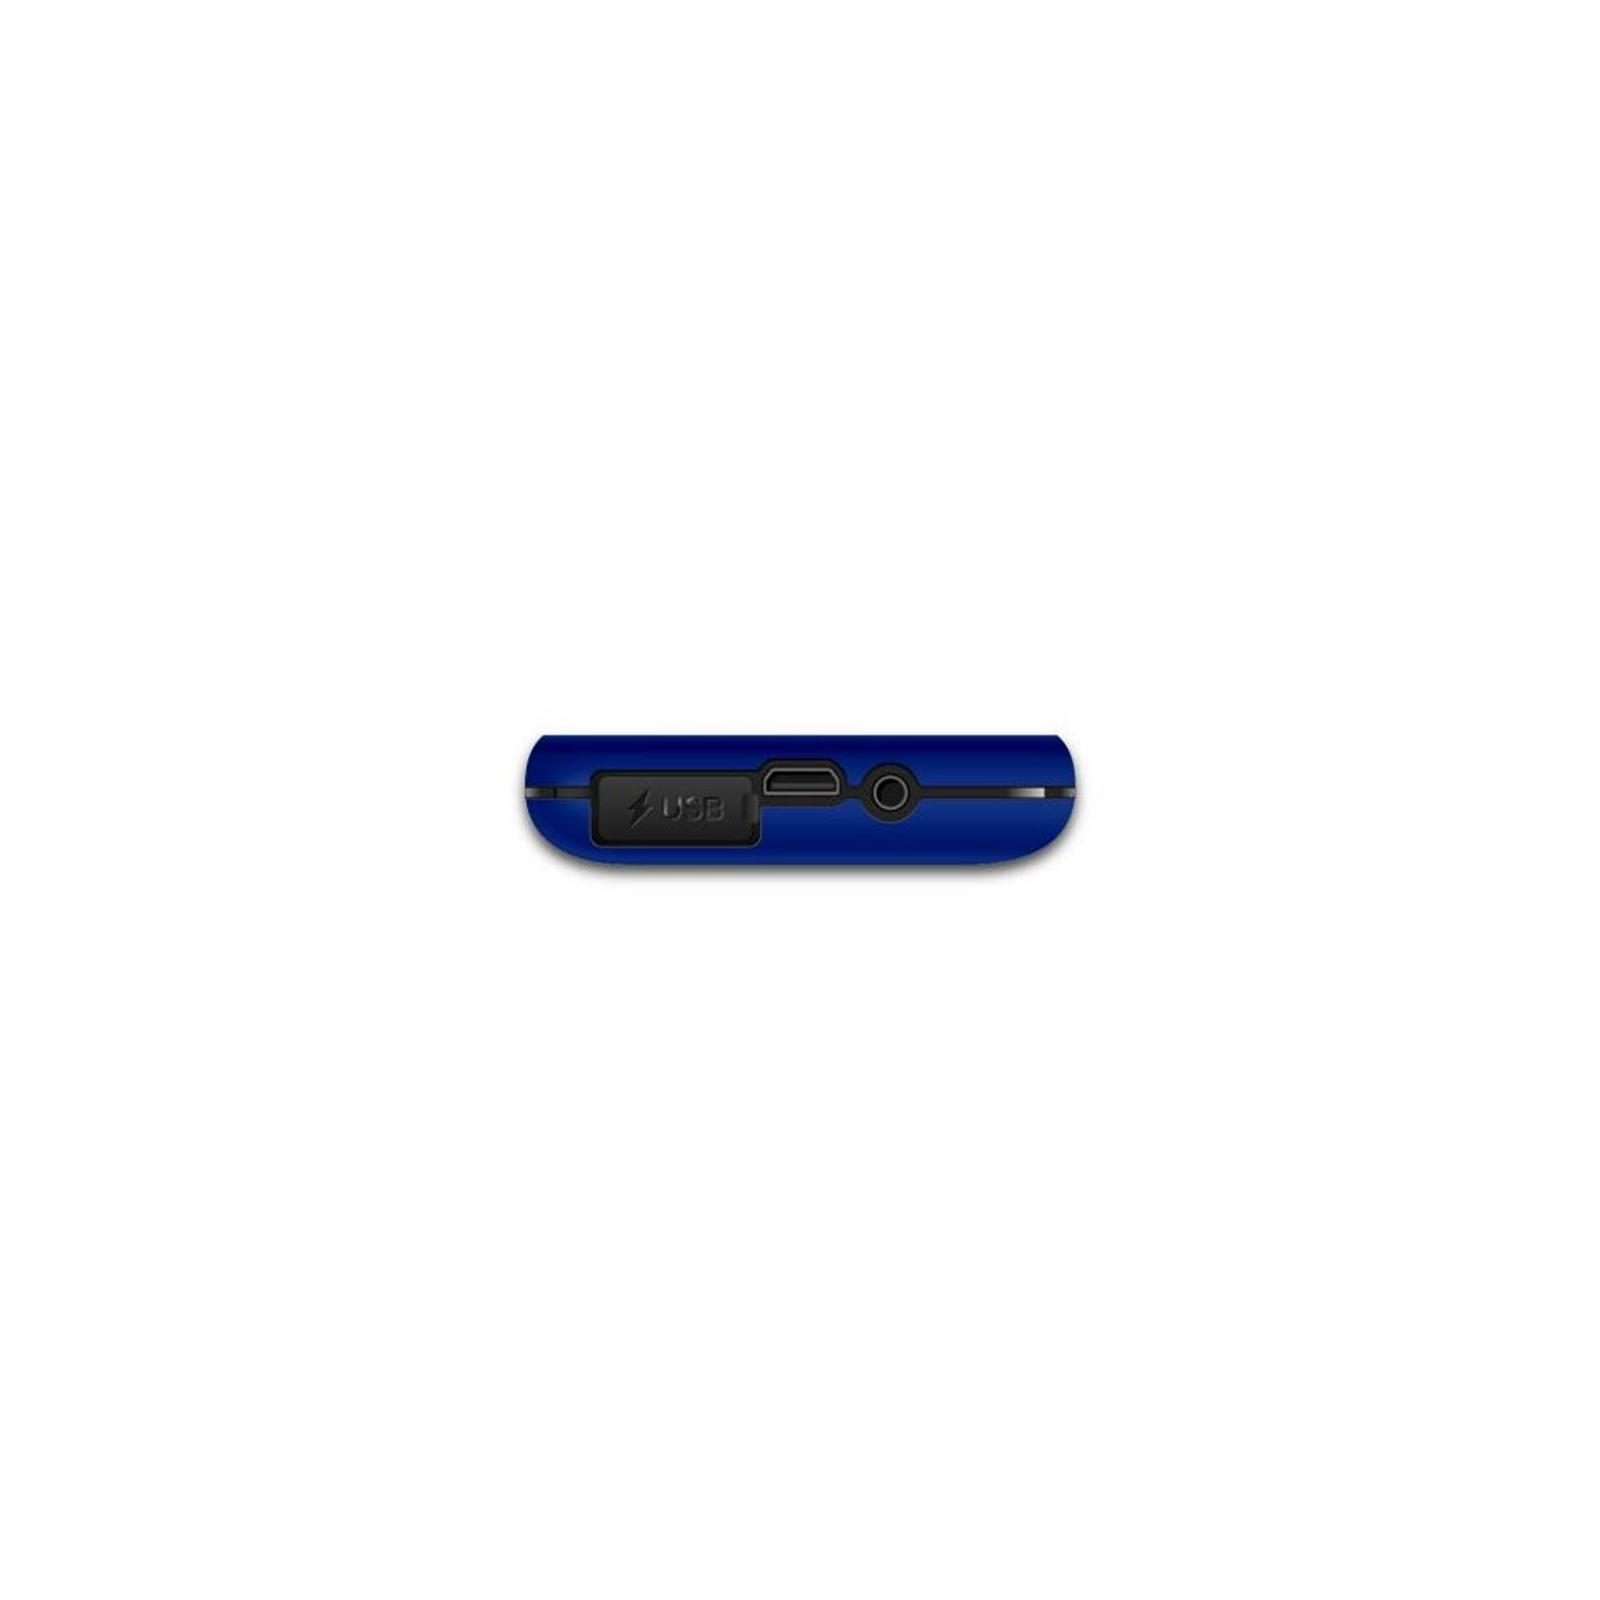 Мобильный телефон Sigma X-style 31 Power Blue (4827798854723) изображение 6